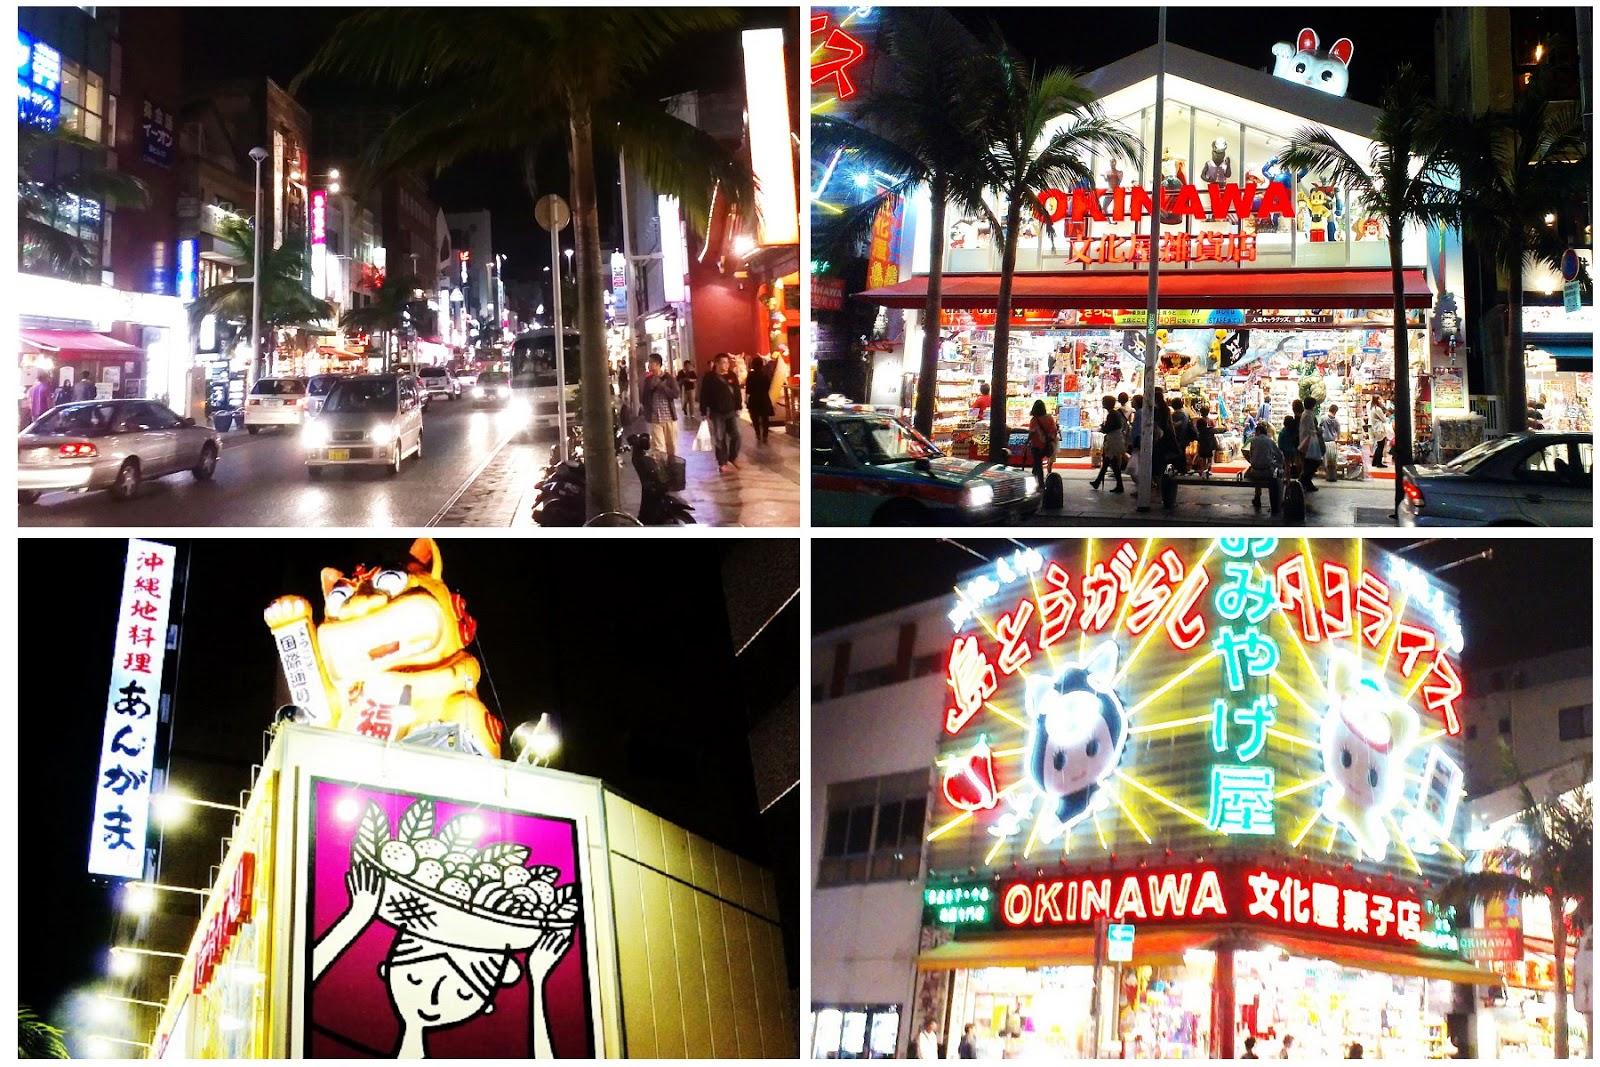 肥寶愛旅行: 肥寶愛旅行-2013沖繩之旅-Day3(波之上神宮,首里城,國際通)